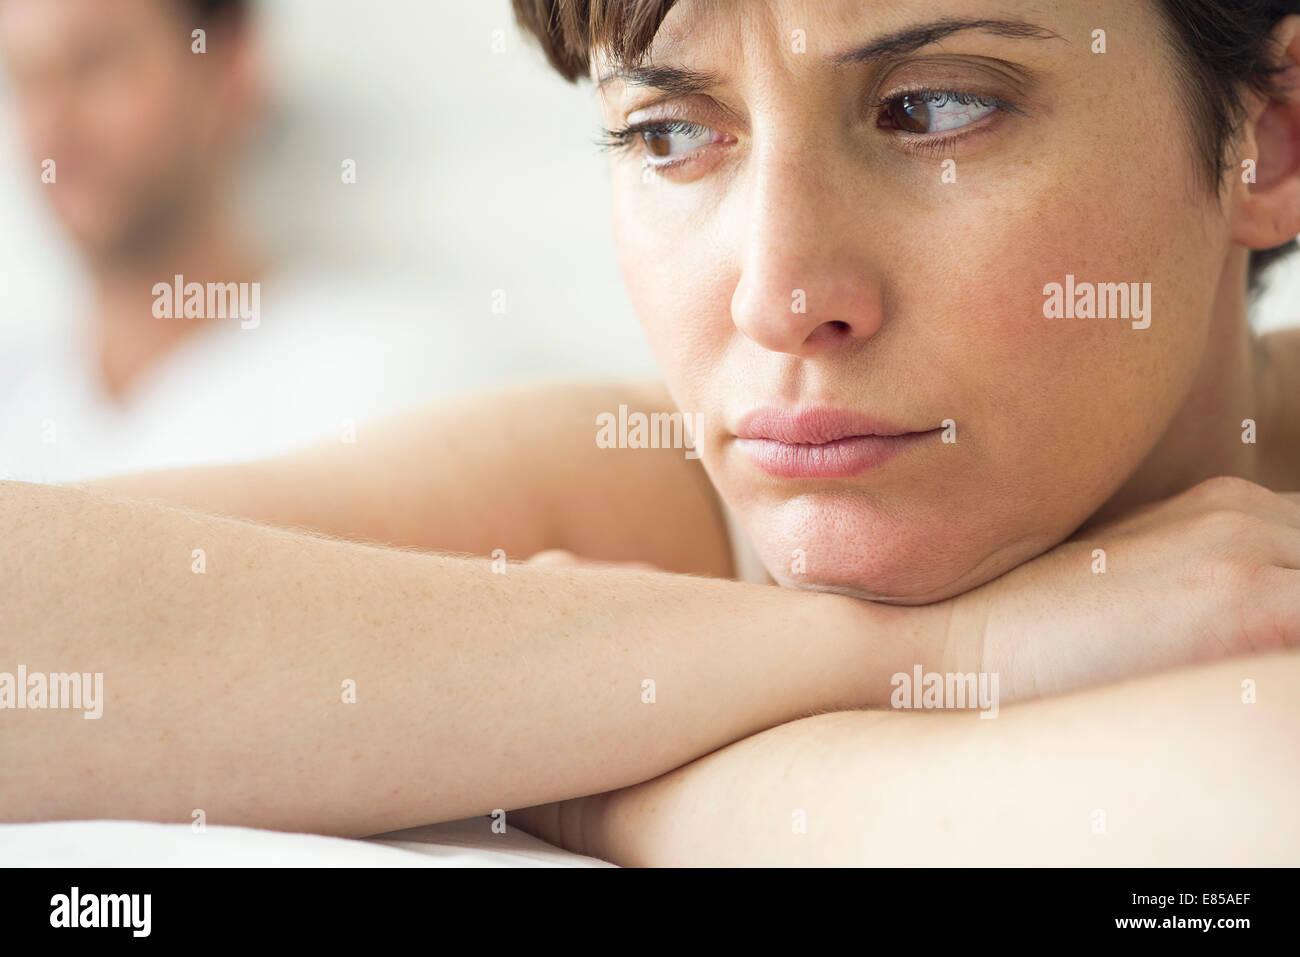 Mujer enojado y resentido tras disputa con marido Imagen De Stock